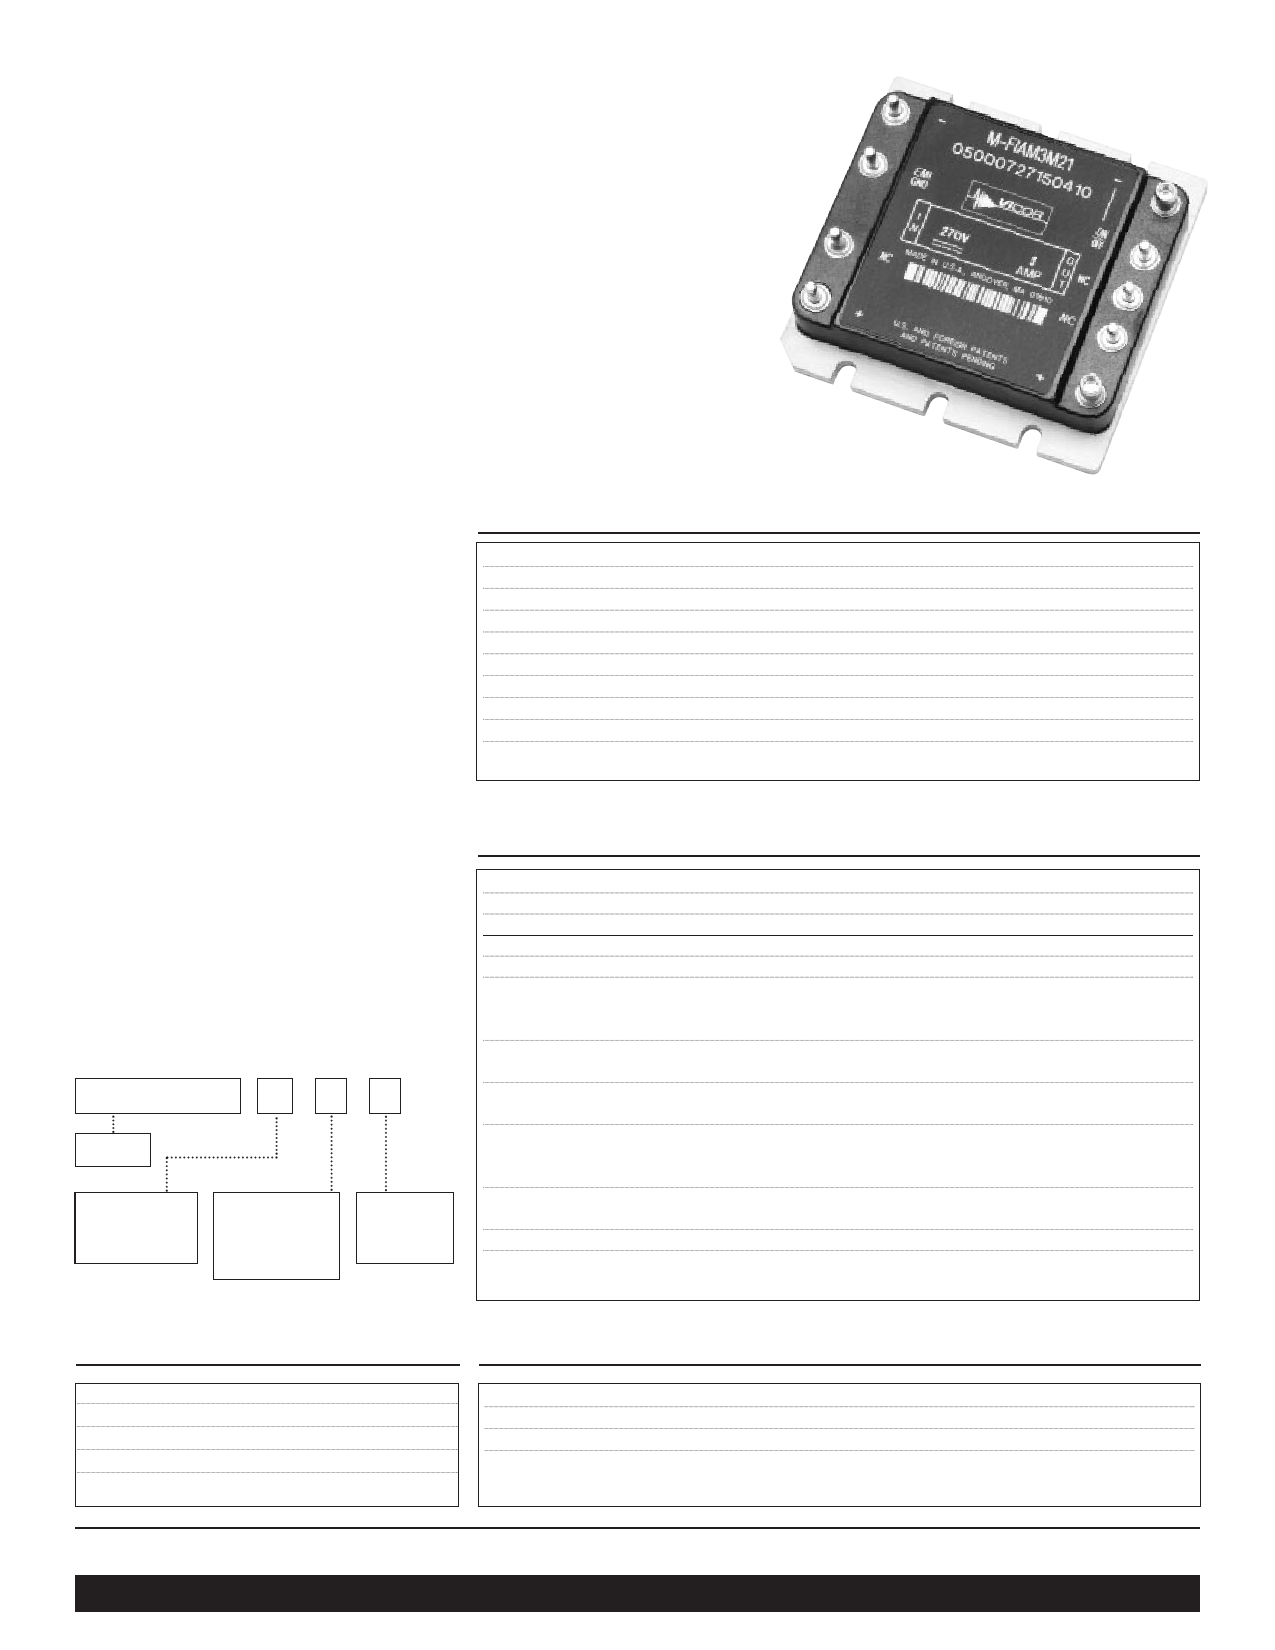 M-FIAM3H21 datasheet